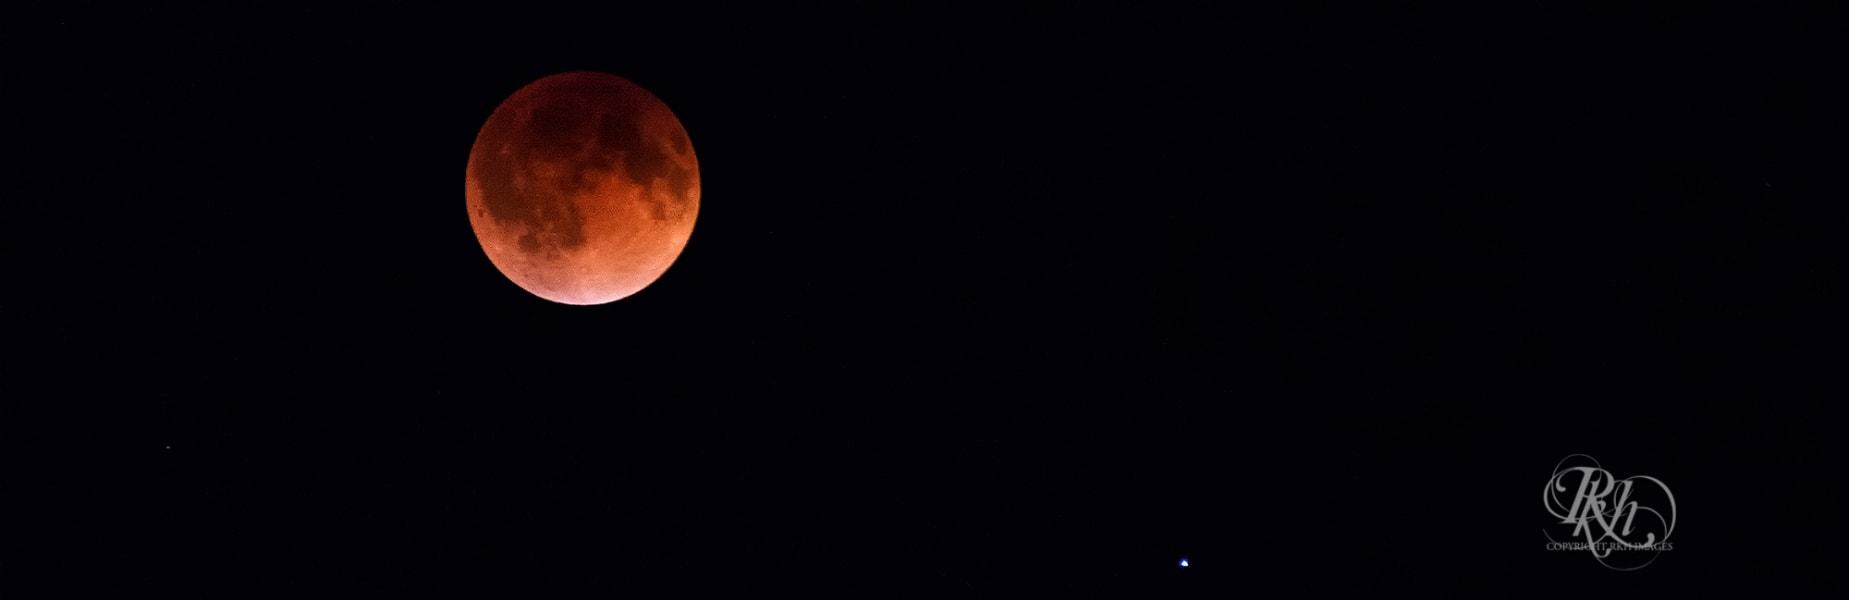 irpt.blood moon.hansen